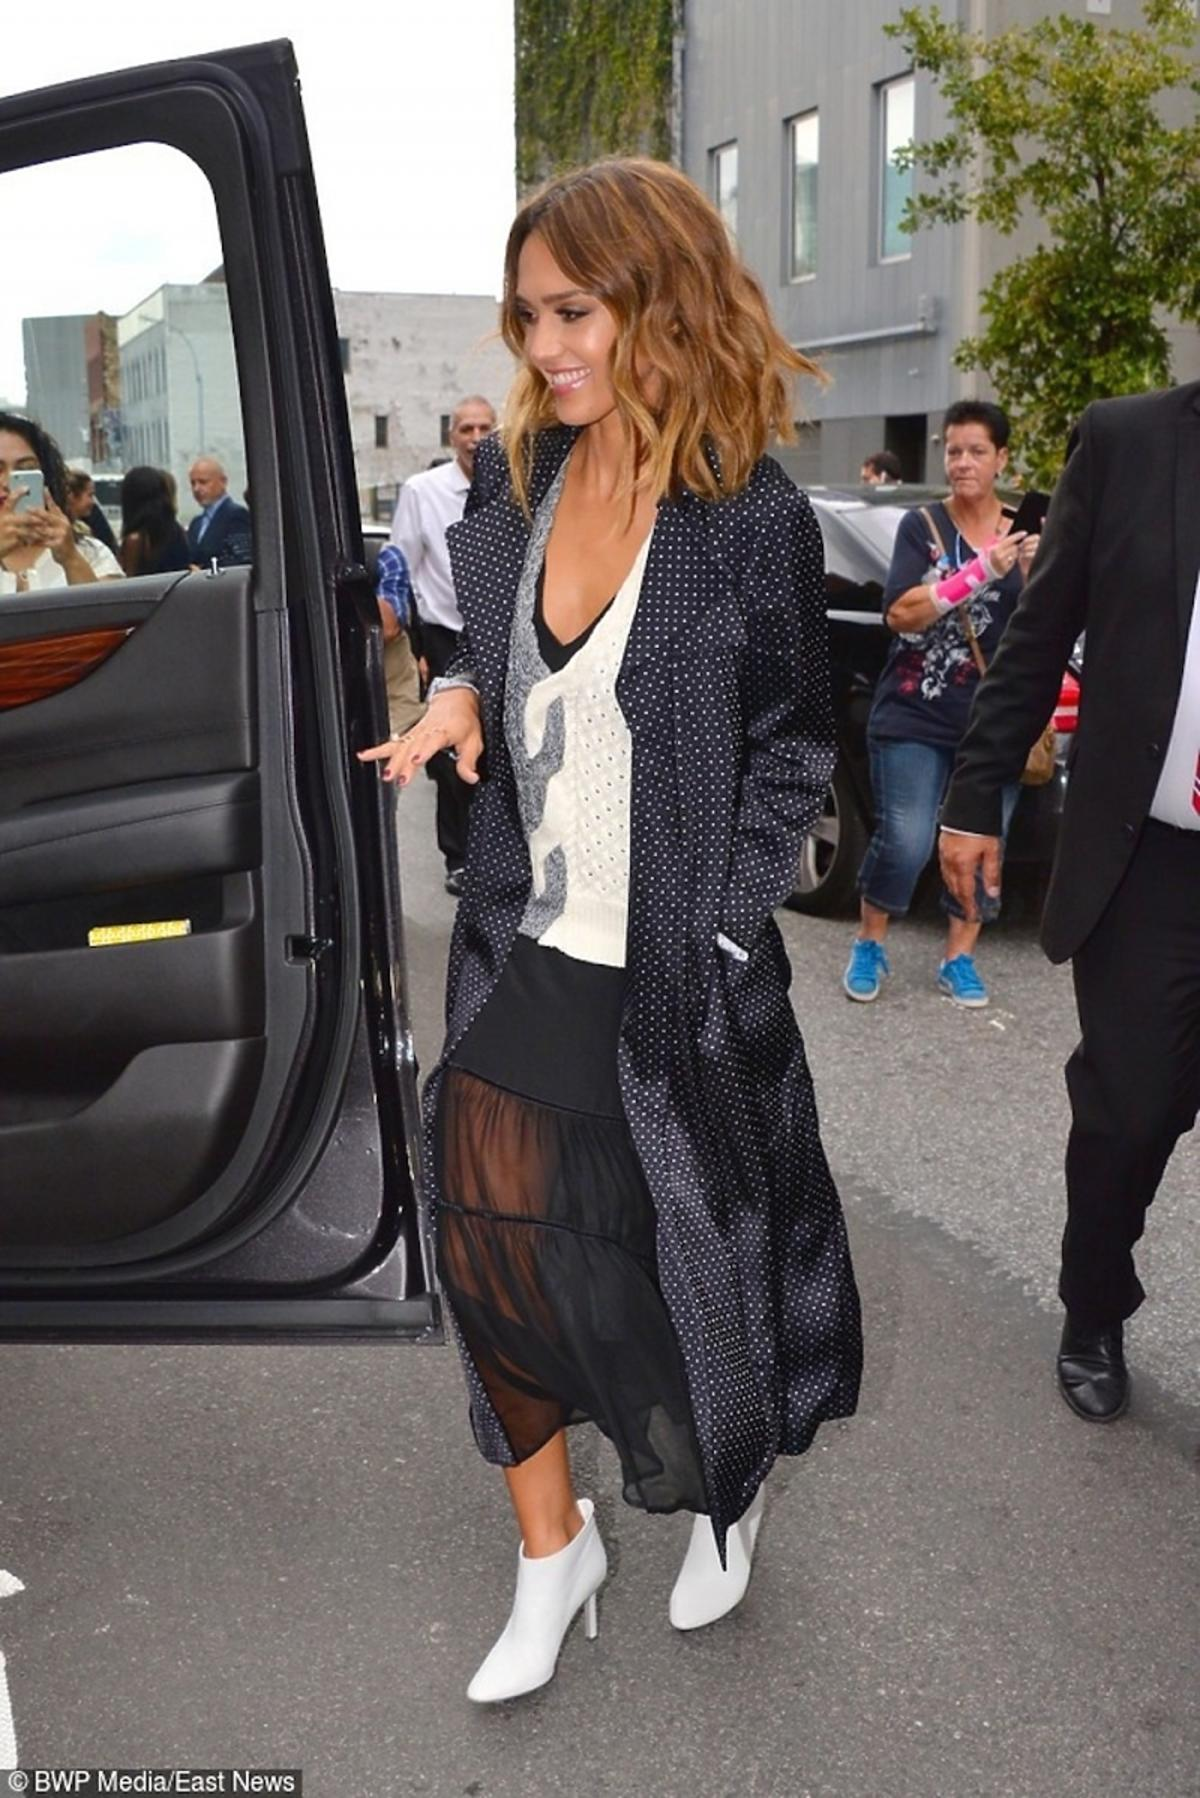 Jessica Alba w czarnej spódnicy, białych botkach, białym swetrze, czarnym płaszczu w białe groszki